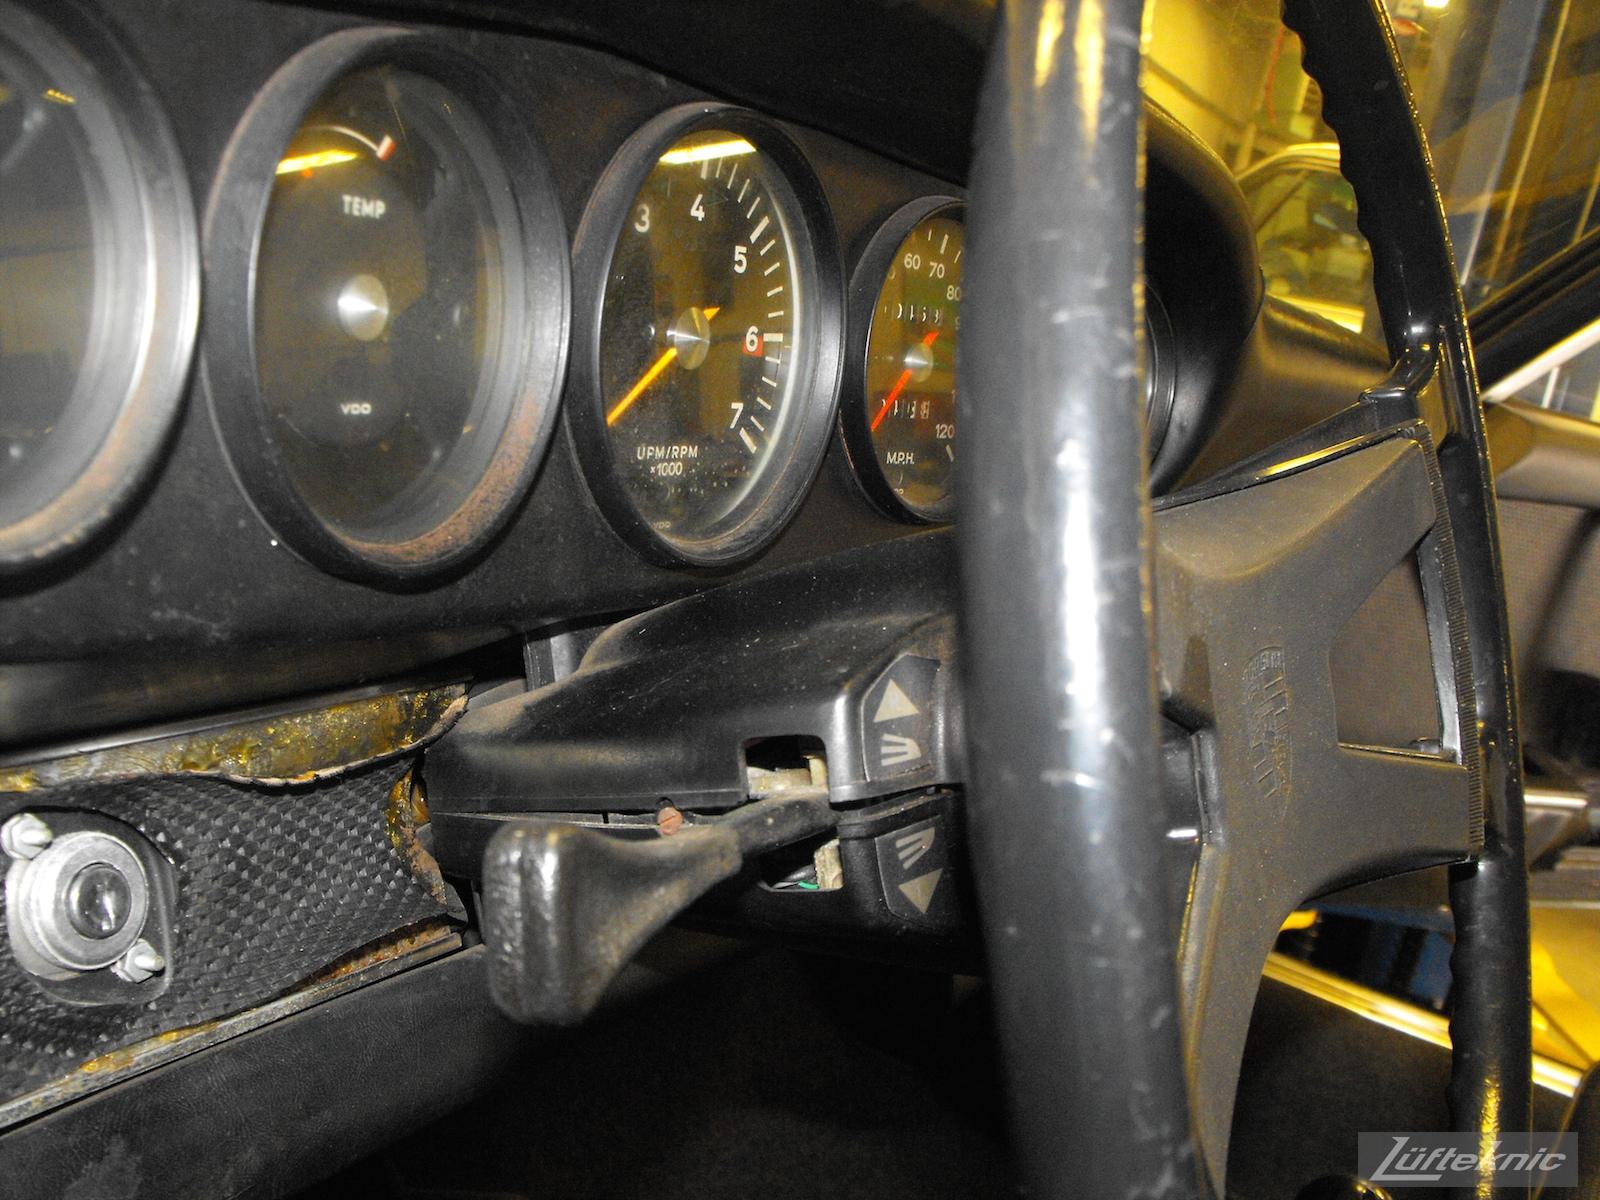 Worn dash and gauge components shown of an Irish Green Porsche 912 undergoing restoration at Lufteknic.